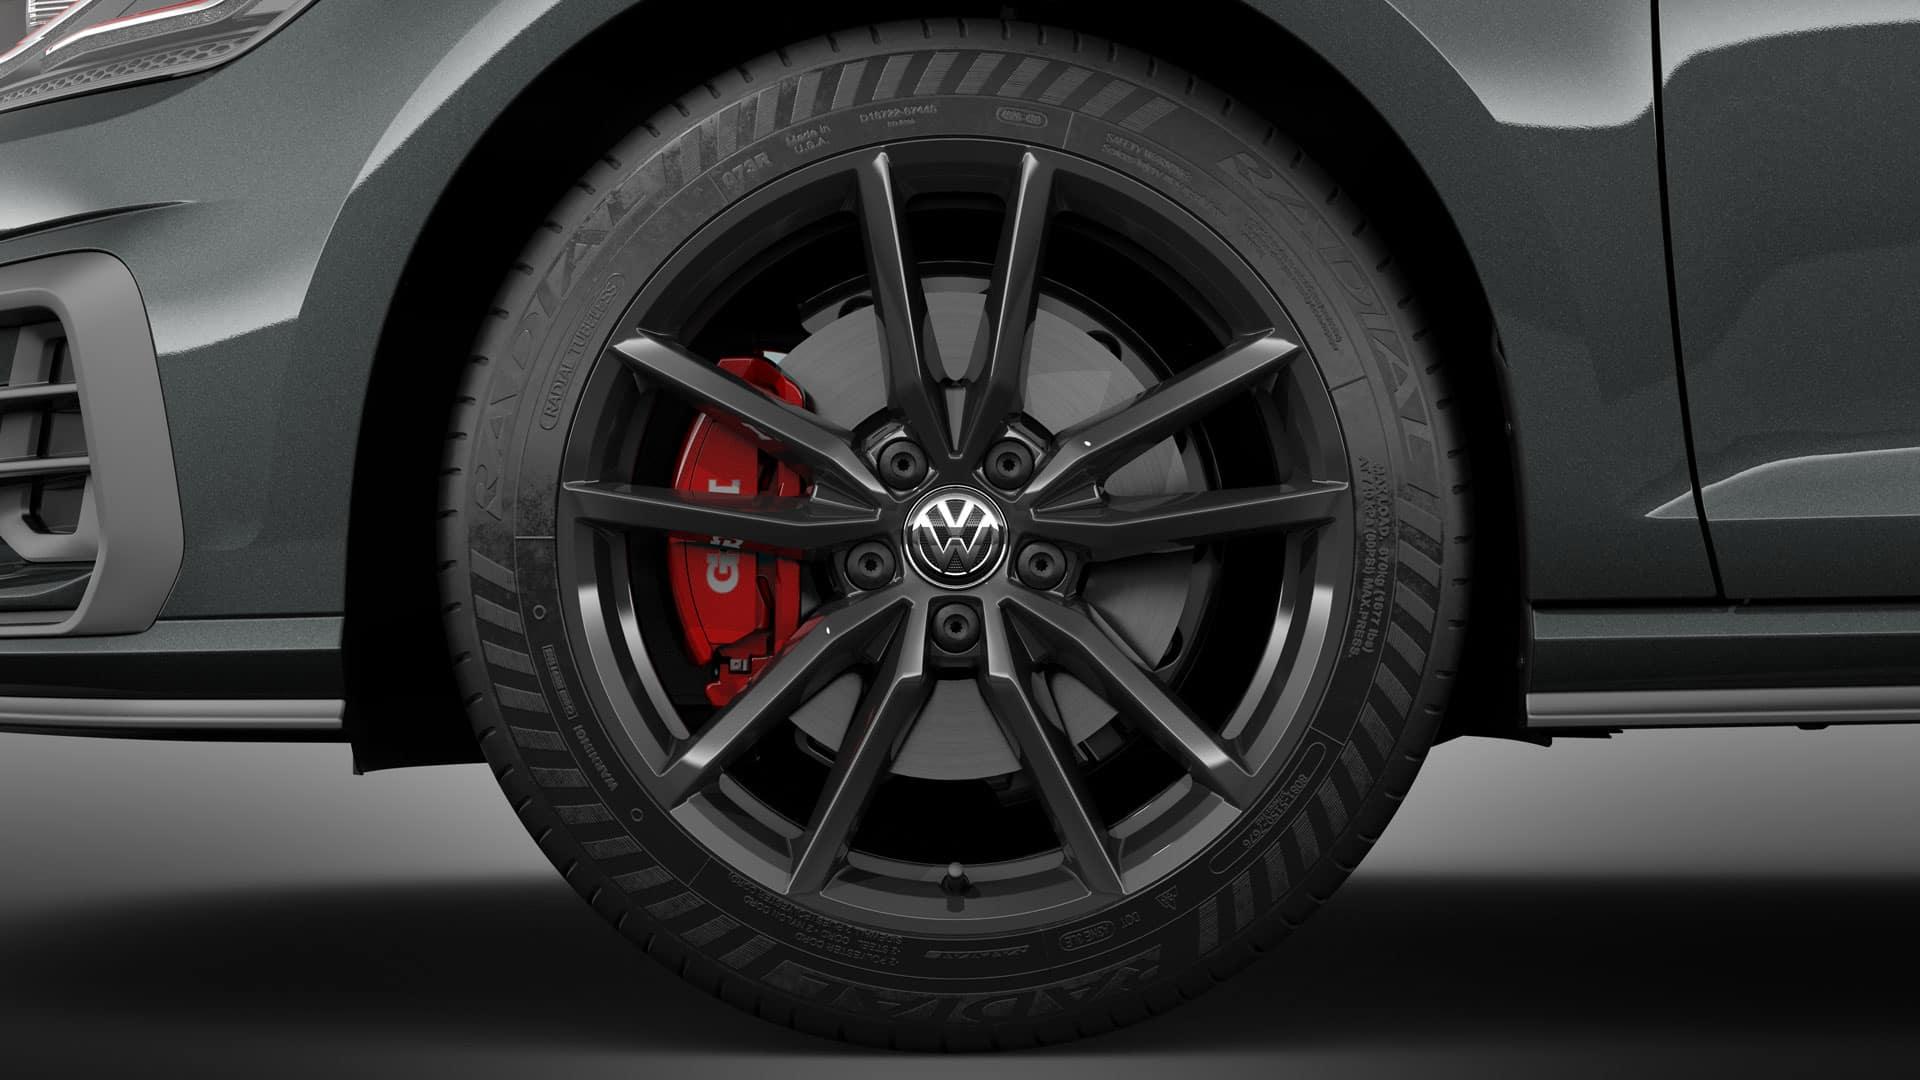 2019 VW Golf GTI Rabbit pretoria wheels